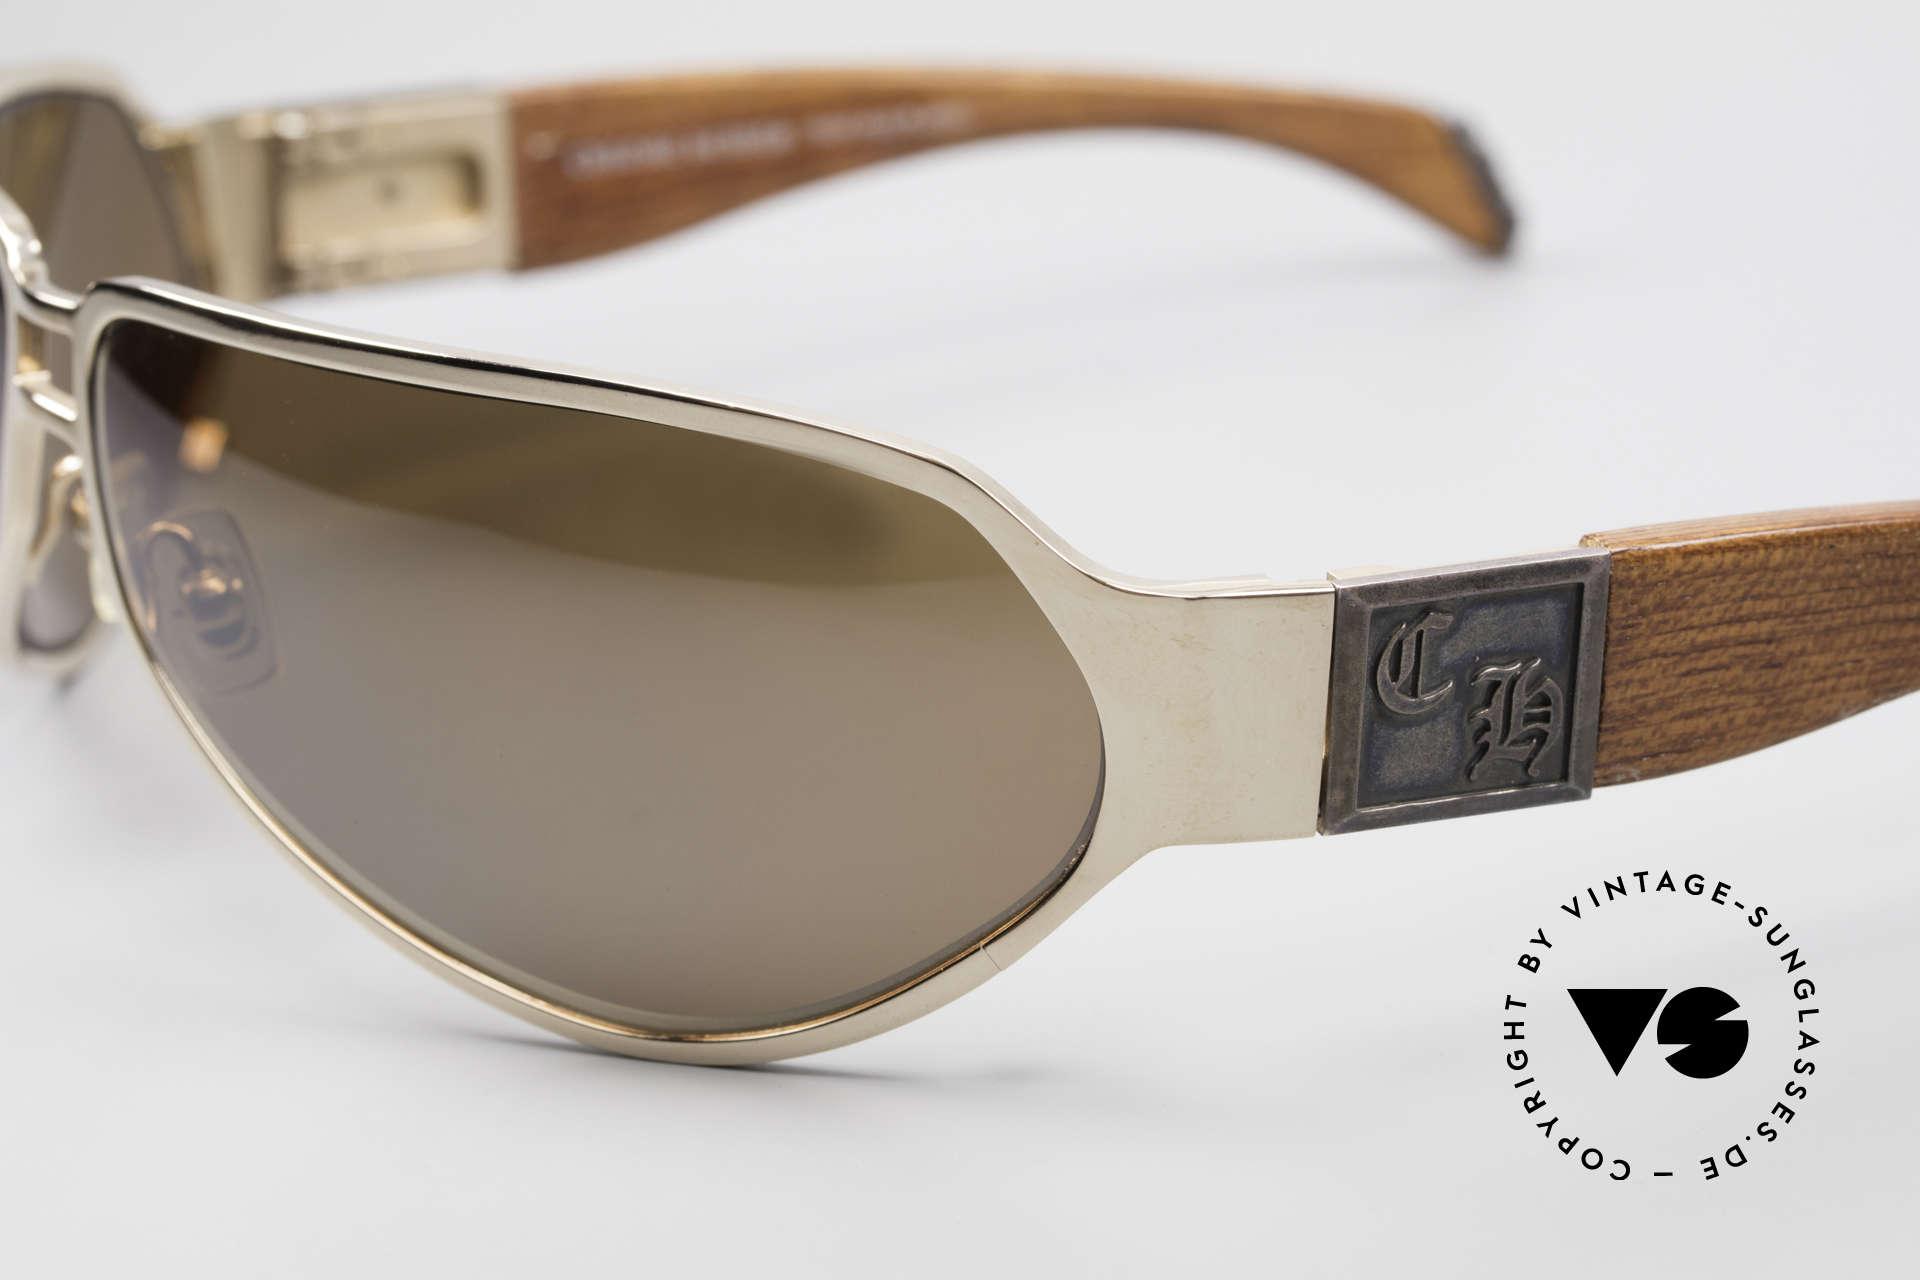 Chrome Hearts Shaft Luxus Herrenbrille Für Kenner, Federscharniere, vergoldet und mit Holzbügeln, Passend für Herren